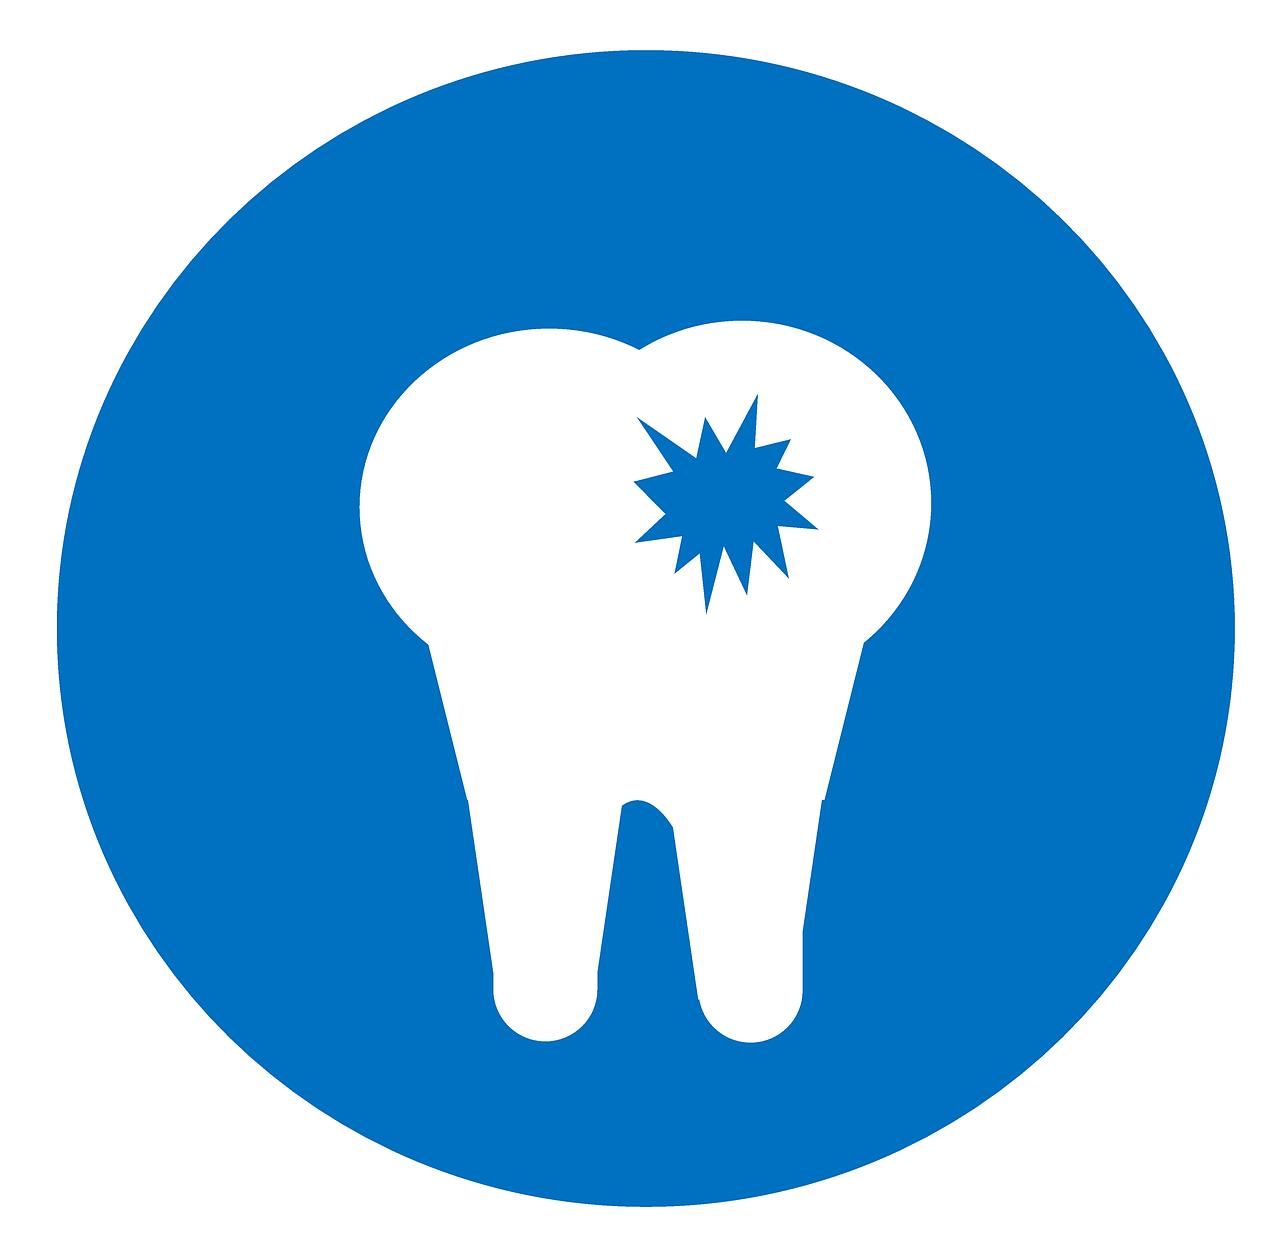 虫歯治療について教えて下さい